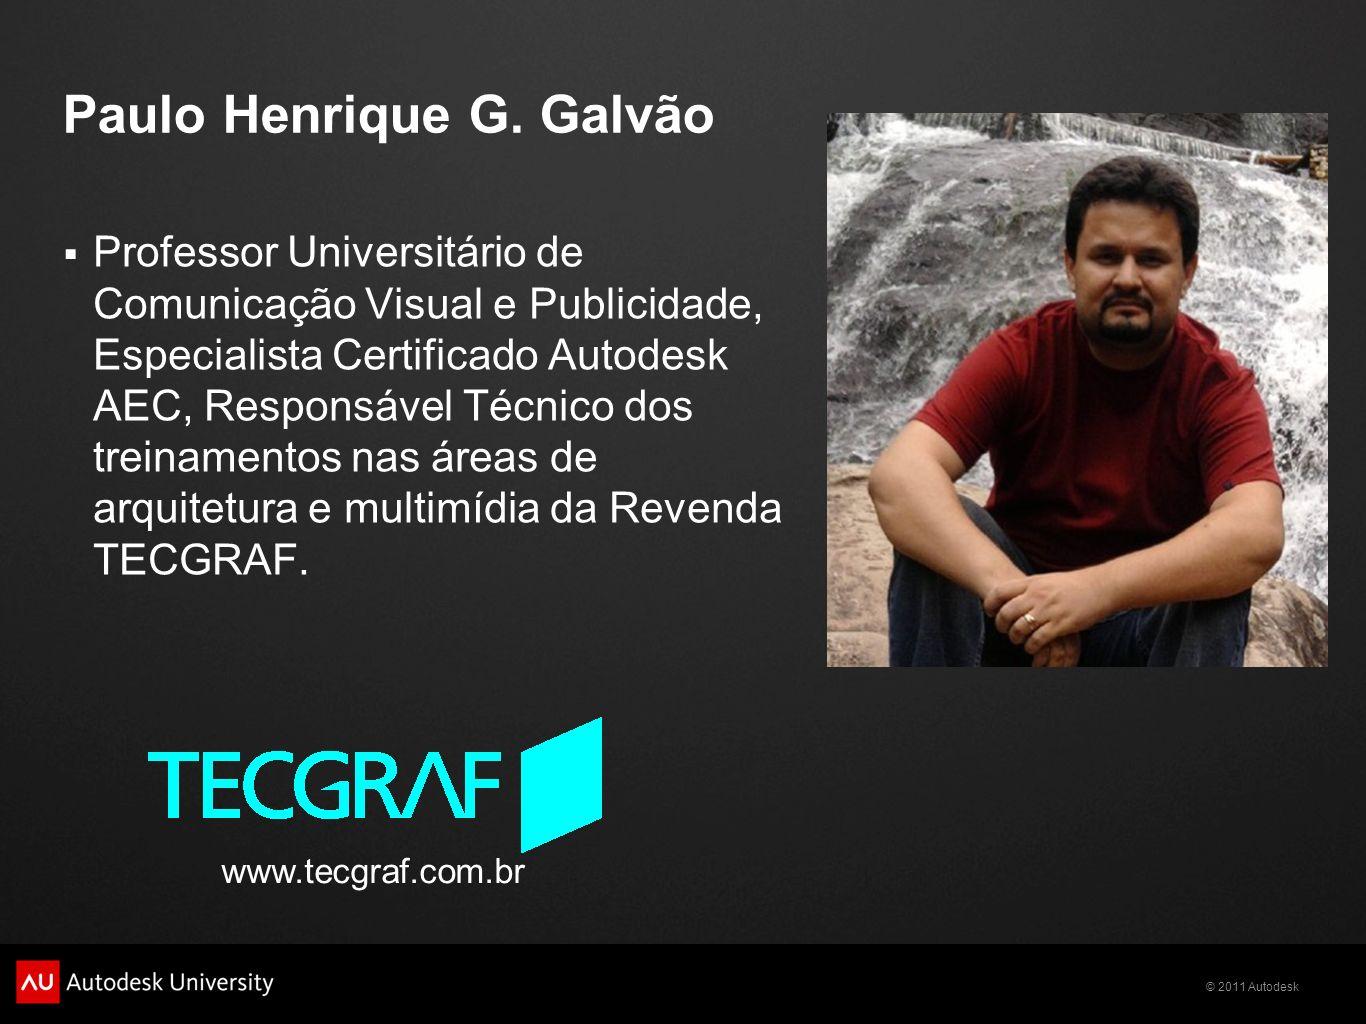 Paulo Henrique G. Galvão